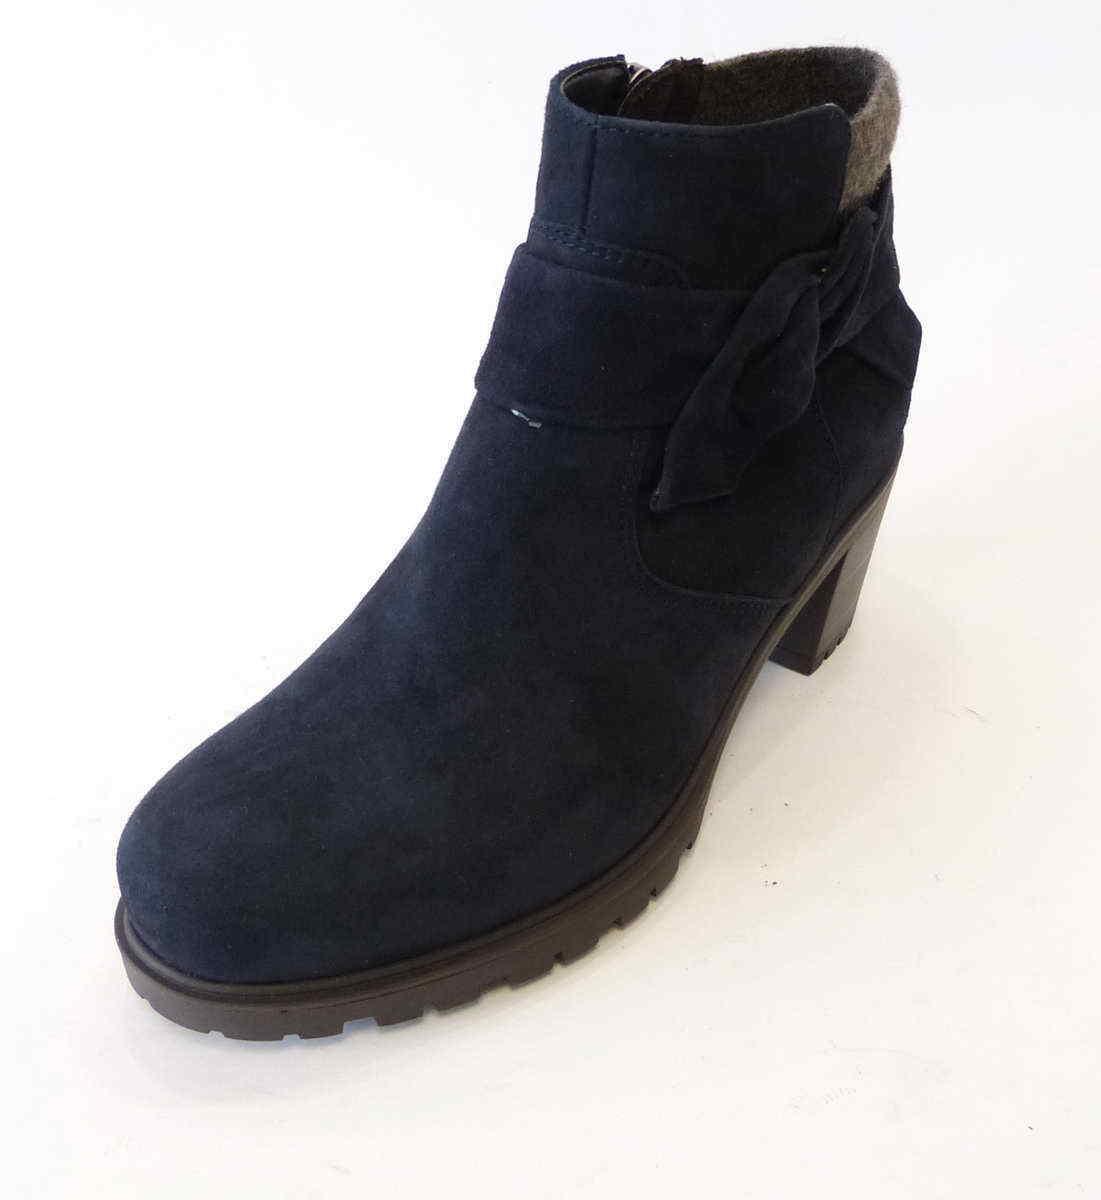 Ara Stiefelette Mantova blue Samtchevro Nubuk Leder Weite H 47364 75 Stiefel